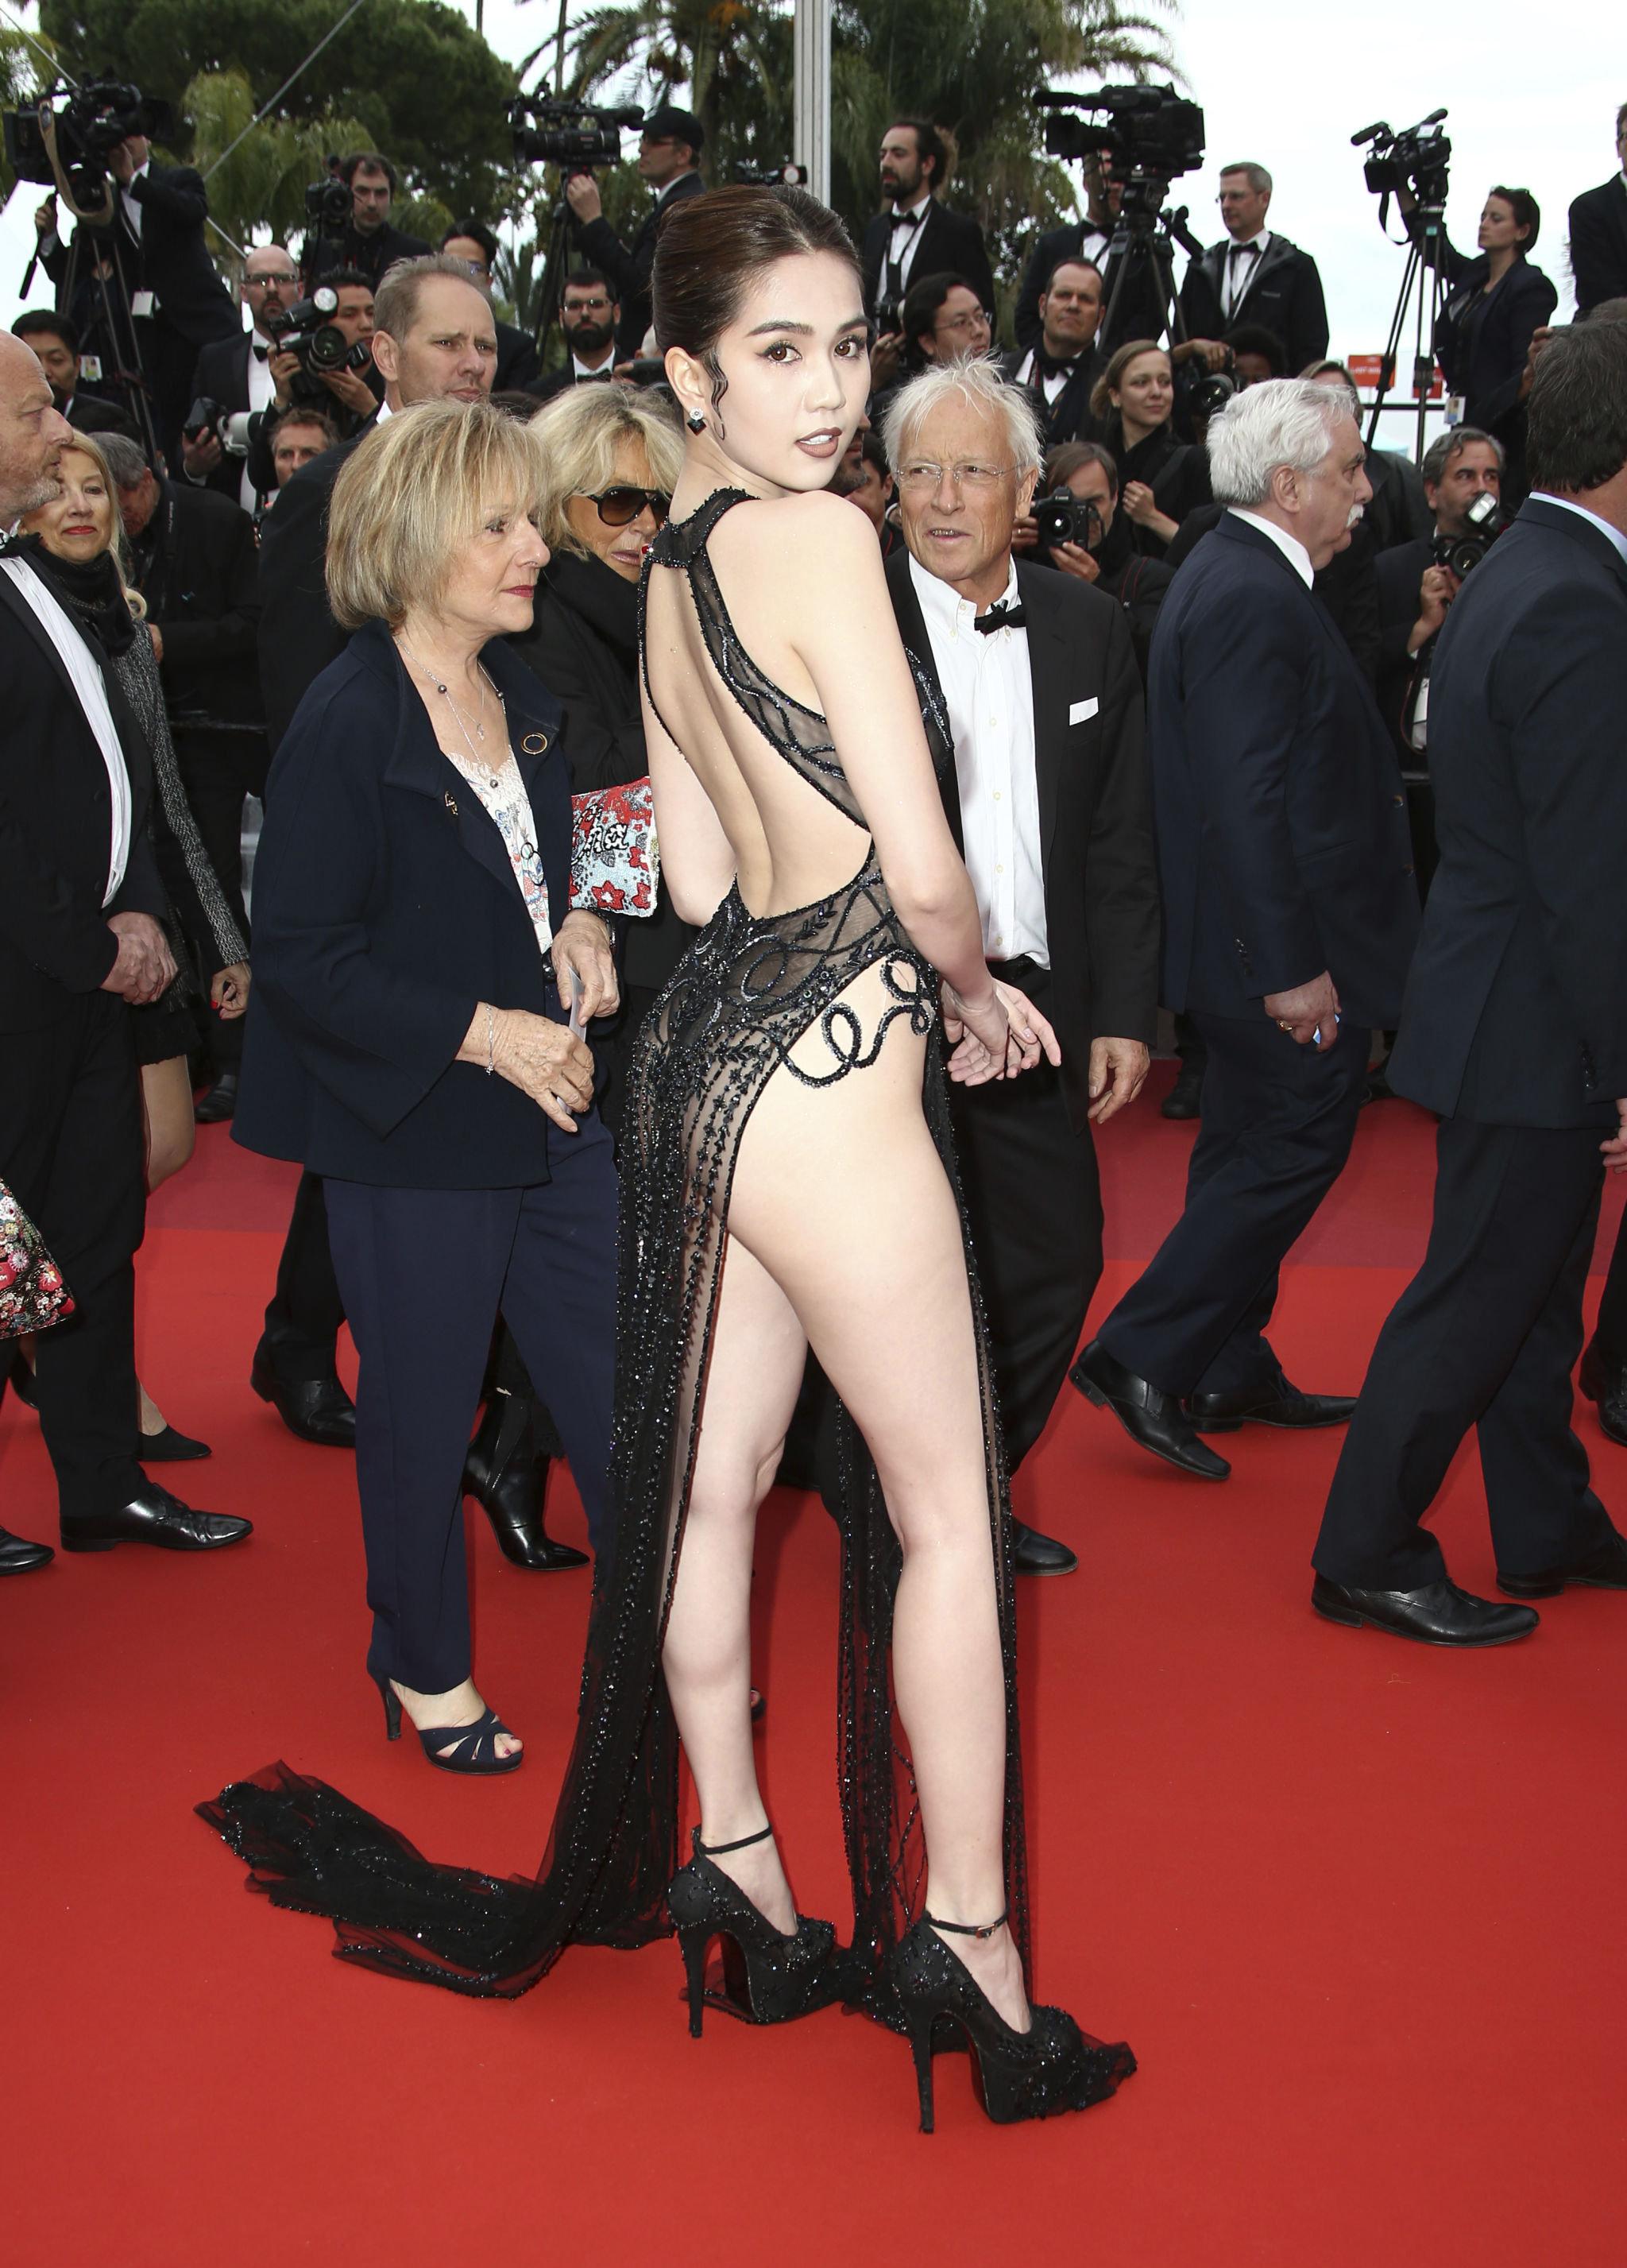 越南模特邓玉贞在戛纳国际电影节上